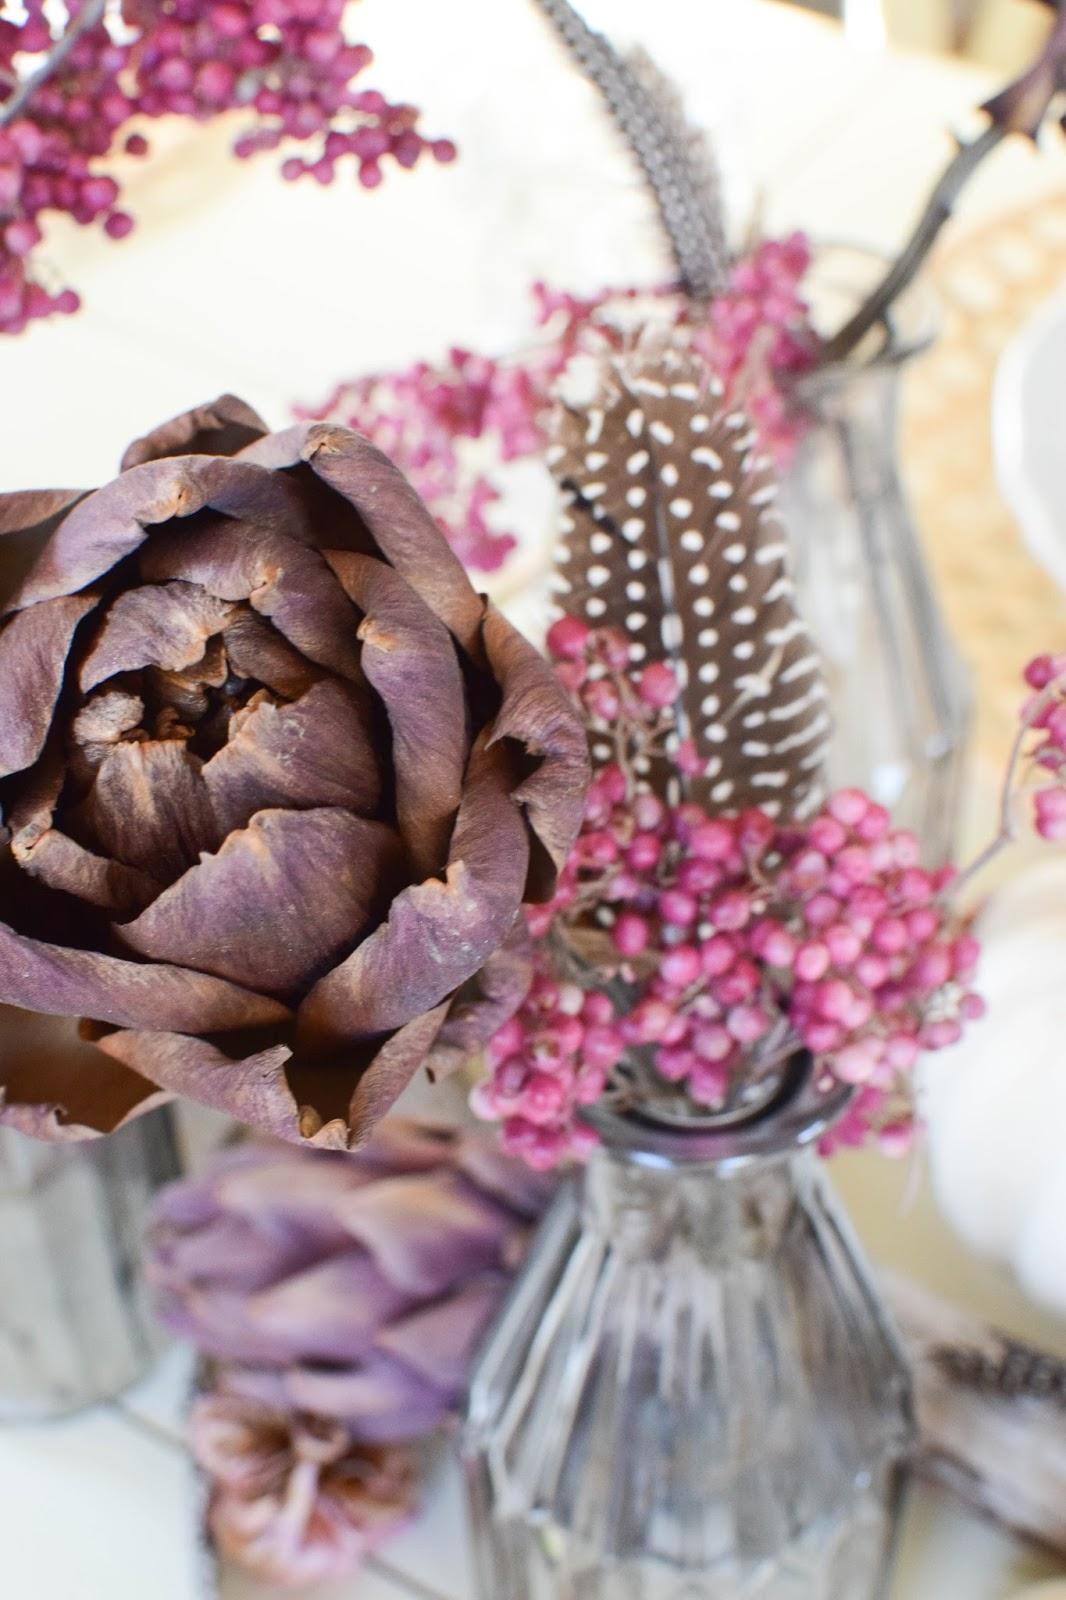 Tischdeko für den Herbst mit Kürbis, Artischocken und Pfefferbeeren. Kreativ, frisch und schön! Kürbisdeko Herbstliche Deko, Herbstdeko Esszimmer Tisch Dekoration